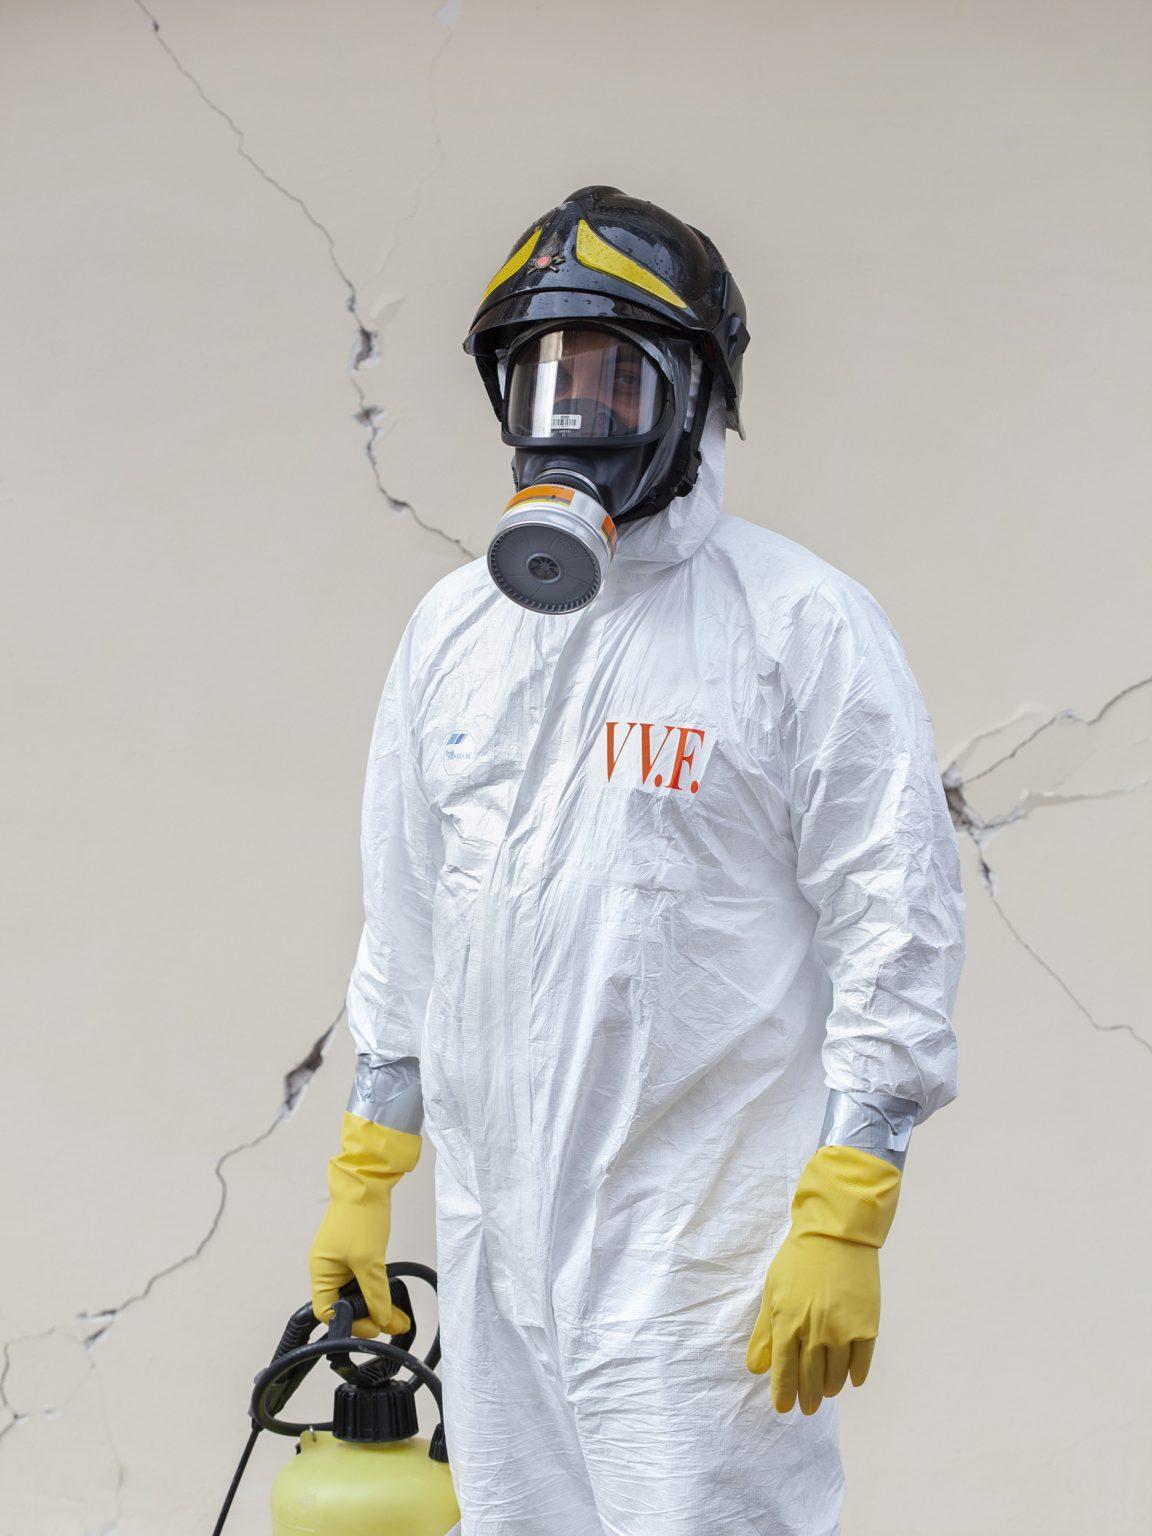 Antonio Magliocco  Membro del Nucleo NBCR dei Vigili del Fuoco - il gruppo specializzato chiamato a intervenire quando esiste un pericolo di contagio da sostanze nucleari, biologiche, chimiche o radiologiche - durante un'operazione di bonifica in un'abitazione.